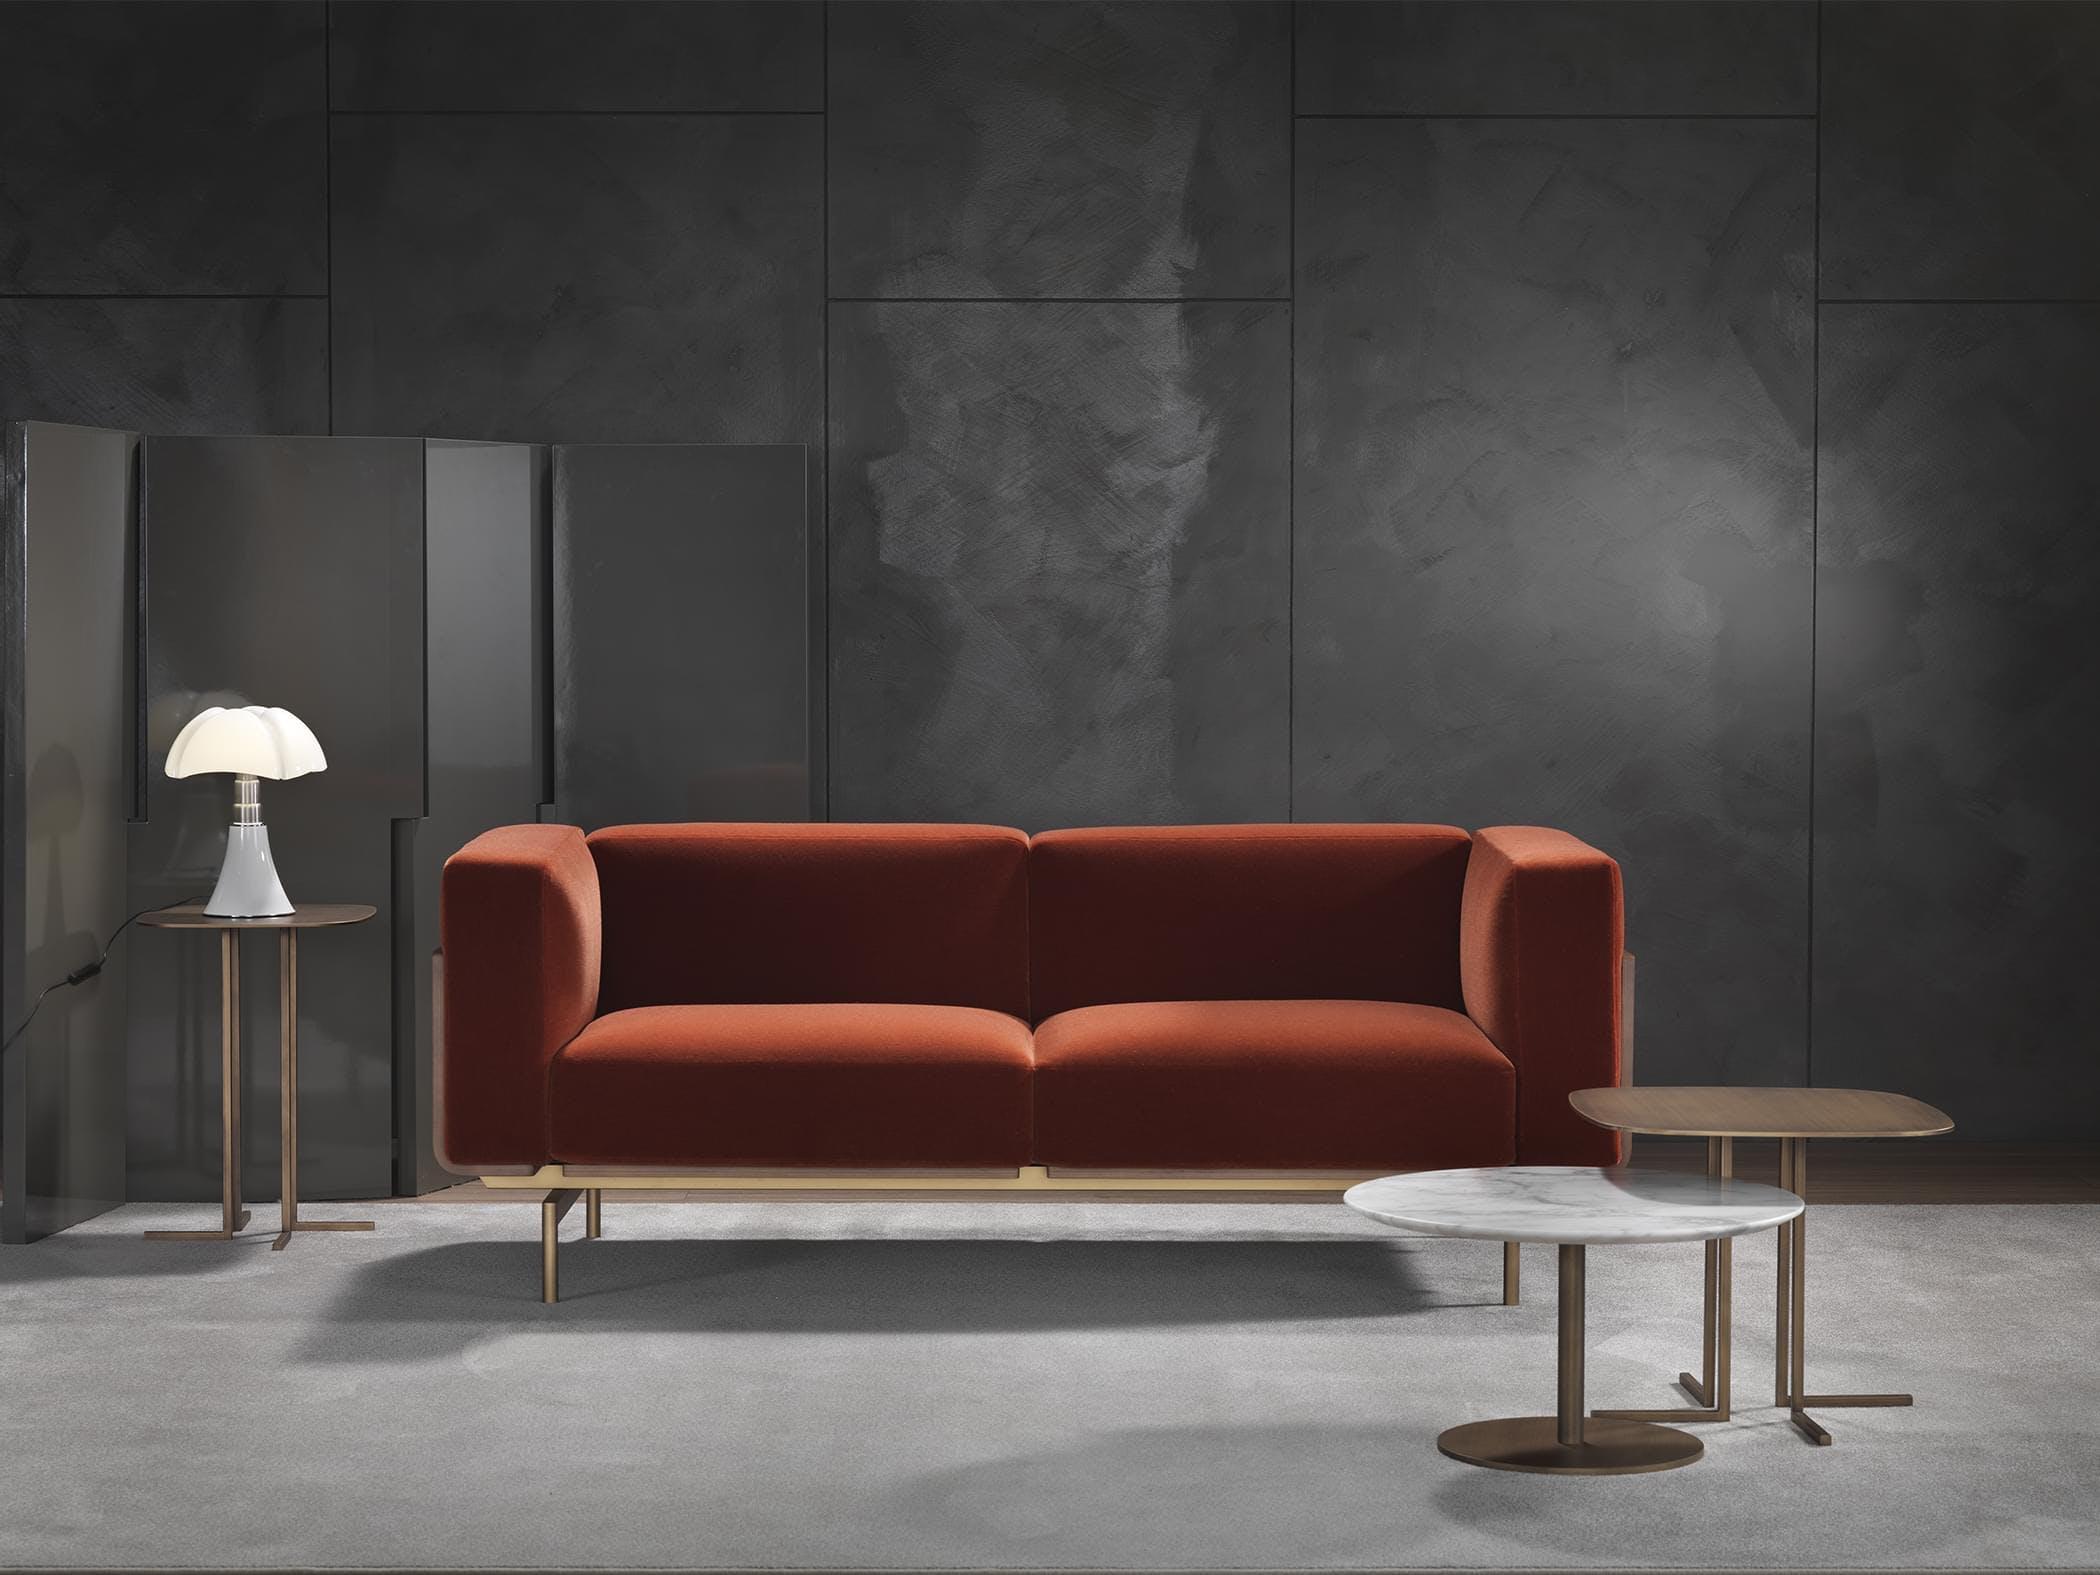 L Sofa num 2